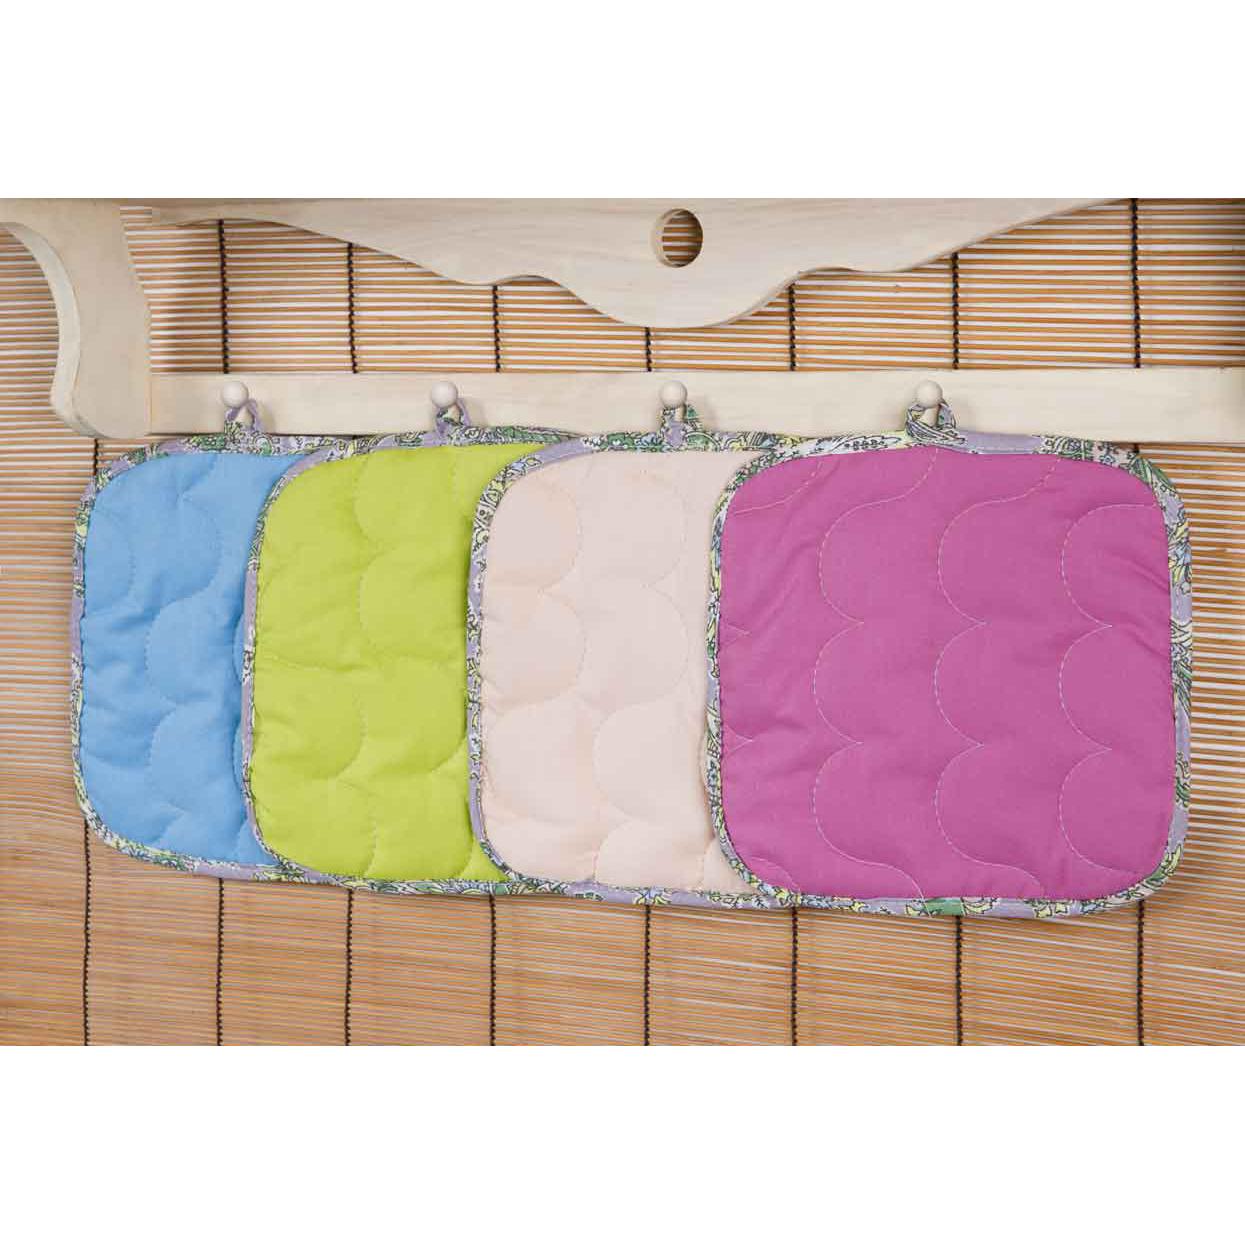 Прихватка Rainbow Квадратная, цвет КремовыйКухонные принадлежности<br>Основная ткань: 100% хлопок, поплин <br>Плотность ткани: 118 г/кв. м <br>Ткань отделки: 100% хлопок, бязь <br>Плотность ткани: 125 г/кв. м <br>Наполнитель: 100% полиэстер<br><br>Тип: Кухонные принадлежности<br>Размер: -<br>Материал: Поплин